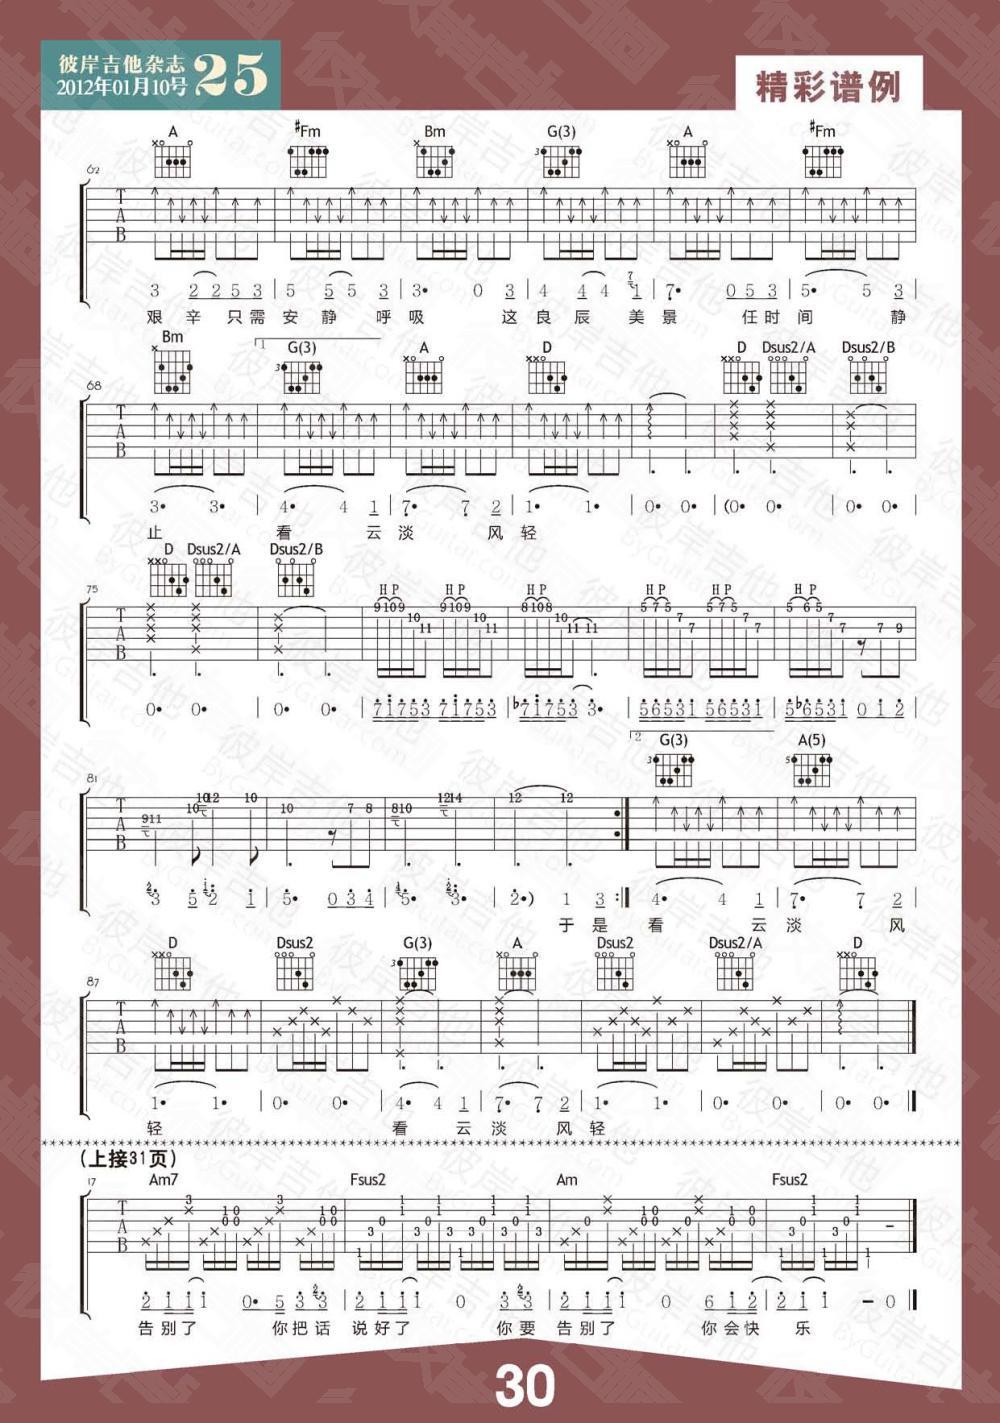 6弦乐谱-谱子信息